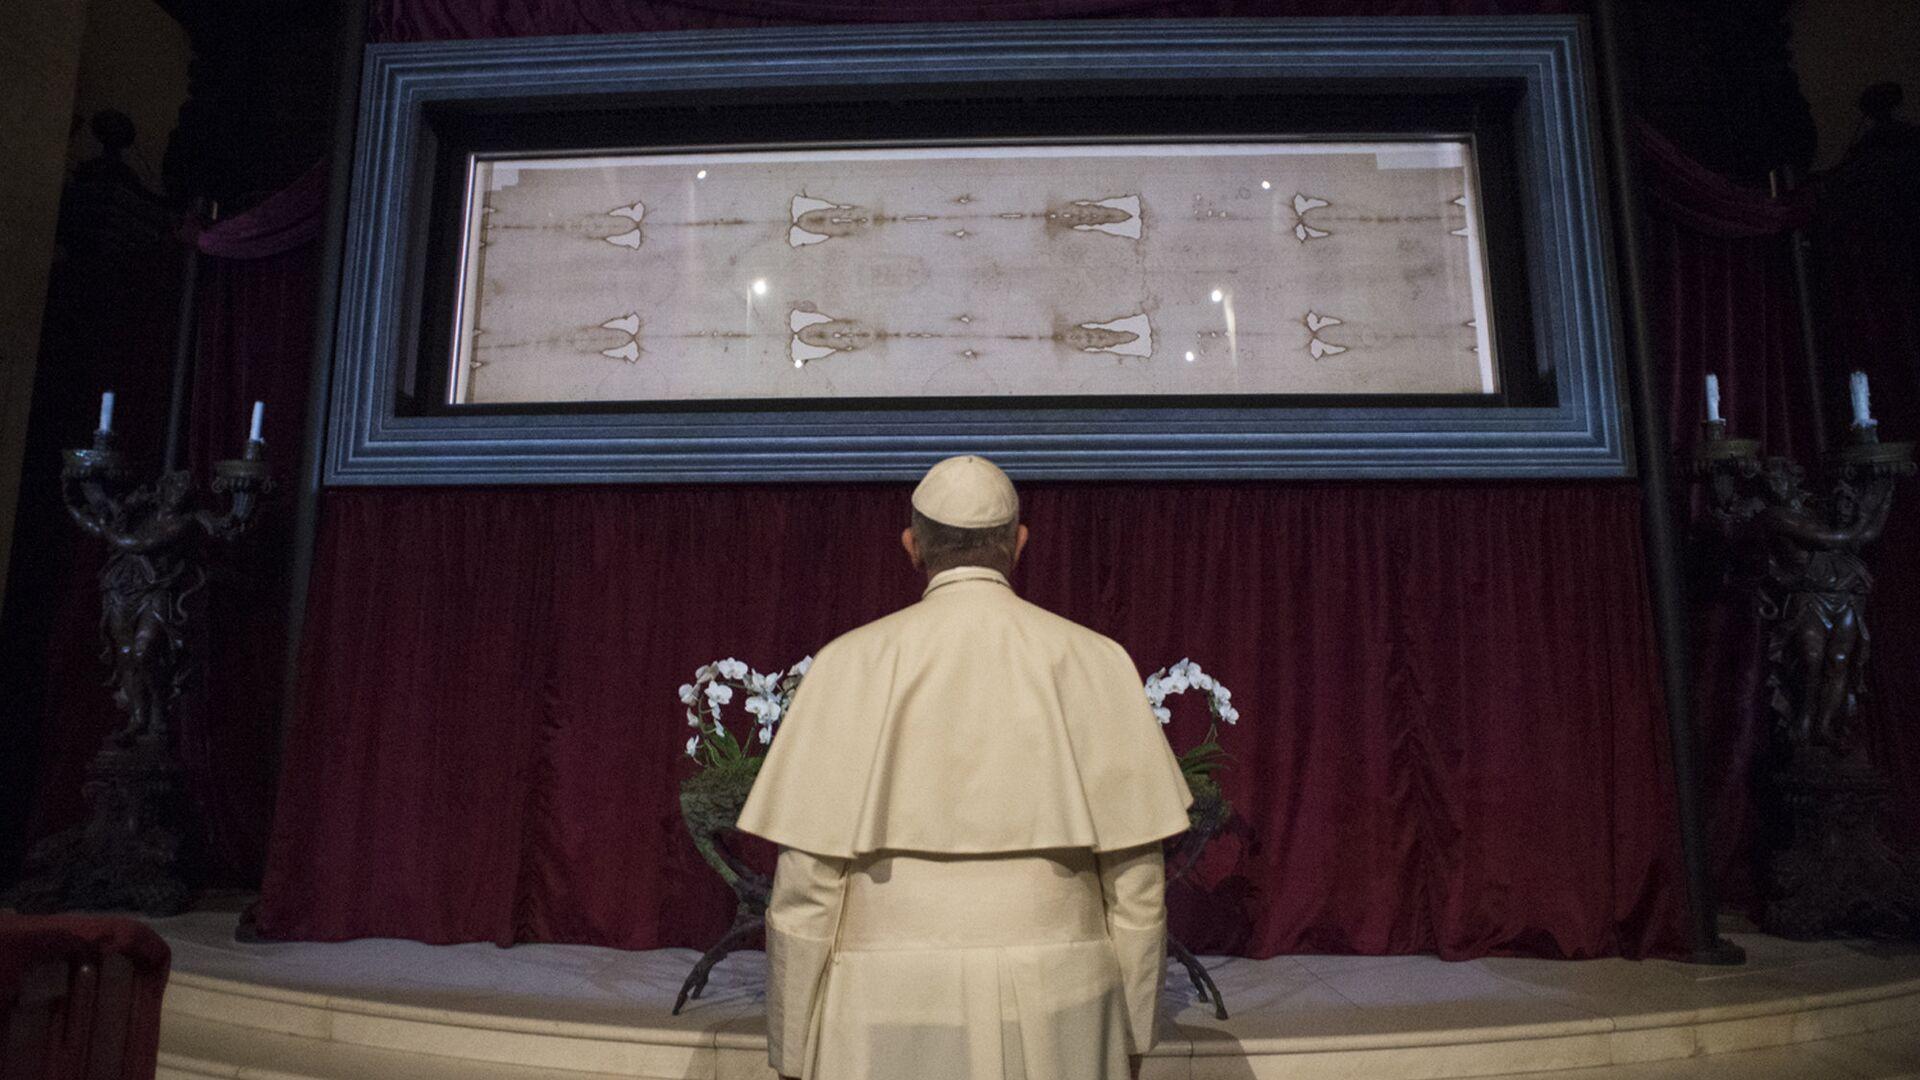 Папа Римский Франциск  перед Священной Плащаницей,  выставленной в Туринском соборе в  Италии - РИА Новости, 1920, 01.05.2021